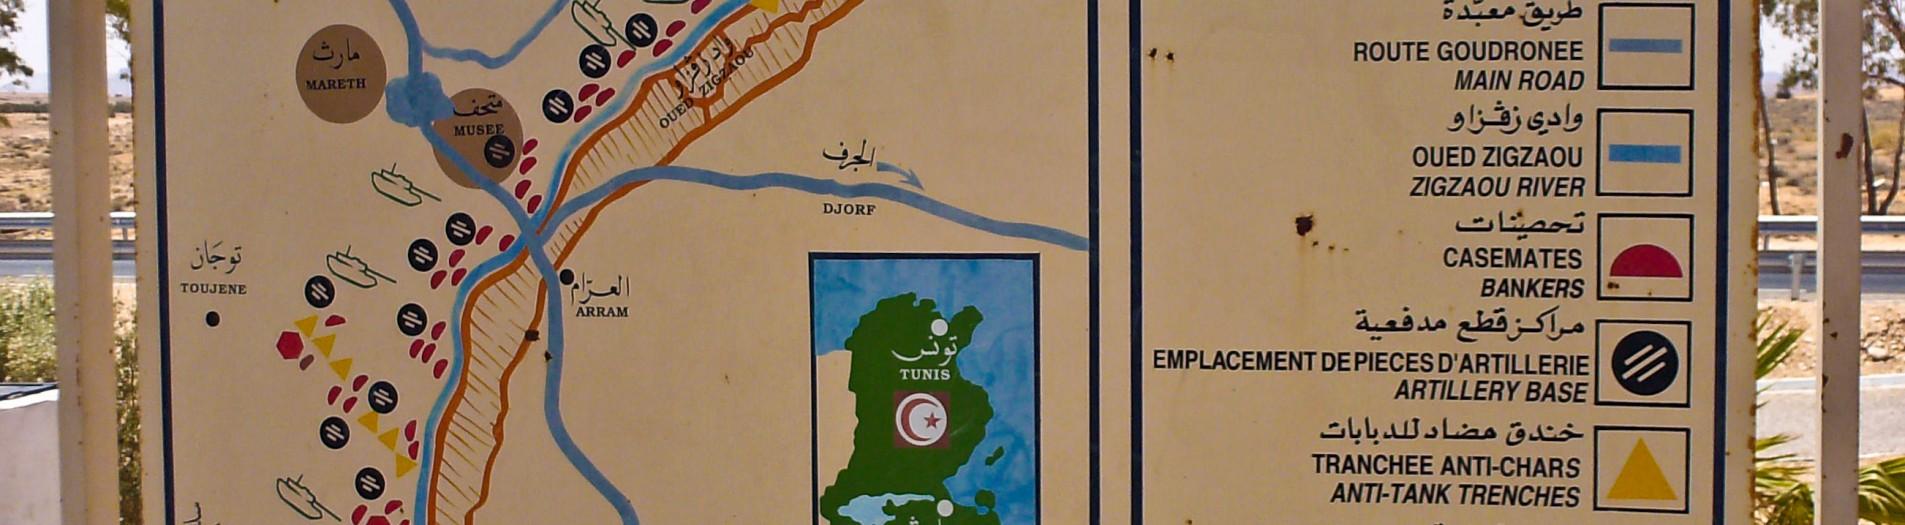 Musée Militaire de la ligne défensive de Mareth